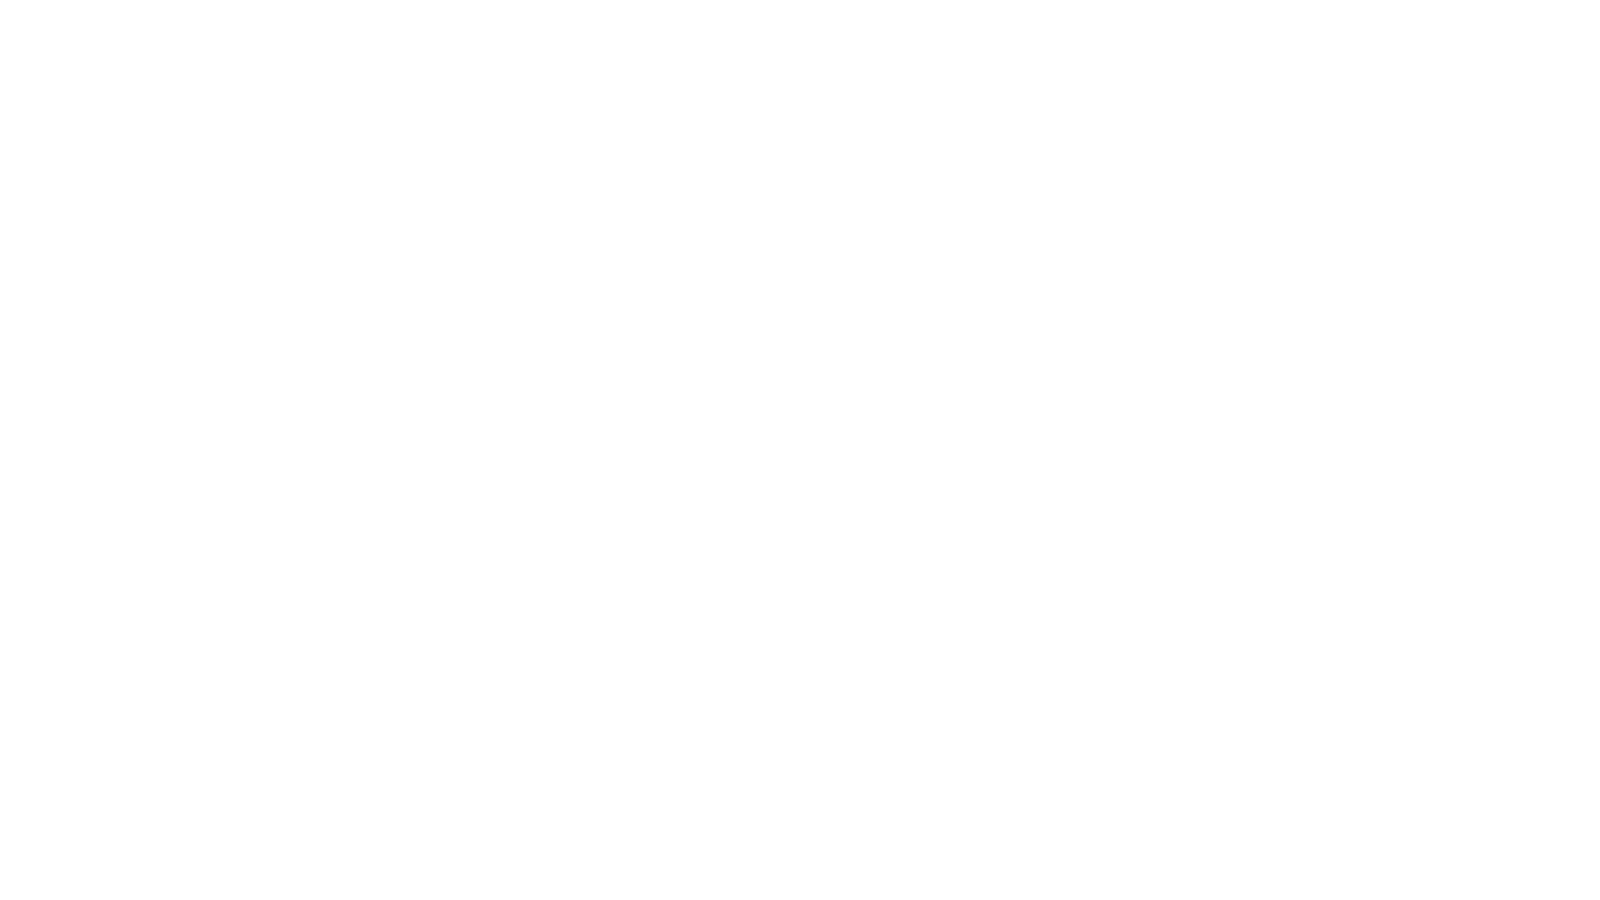 Lee la nota completa en theblackheralds.com y síguenos en nuestras redes sociales como: 👉🏼 Facebook: facebook.com/theblackheralds1 👉🏼 Instagram: instagram.com/theblackheralds 👉🏼 Twitter: twitter.com/tbh_peru  Sucríbete a nuestro canal y activa la campana para obtener la información que esperas de primera mano.